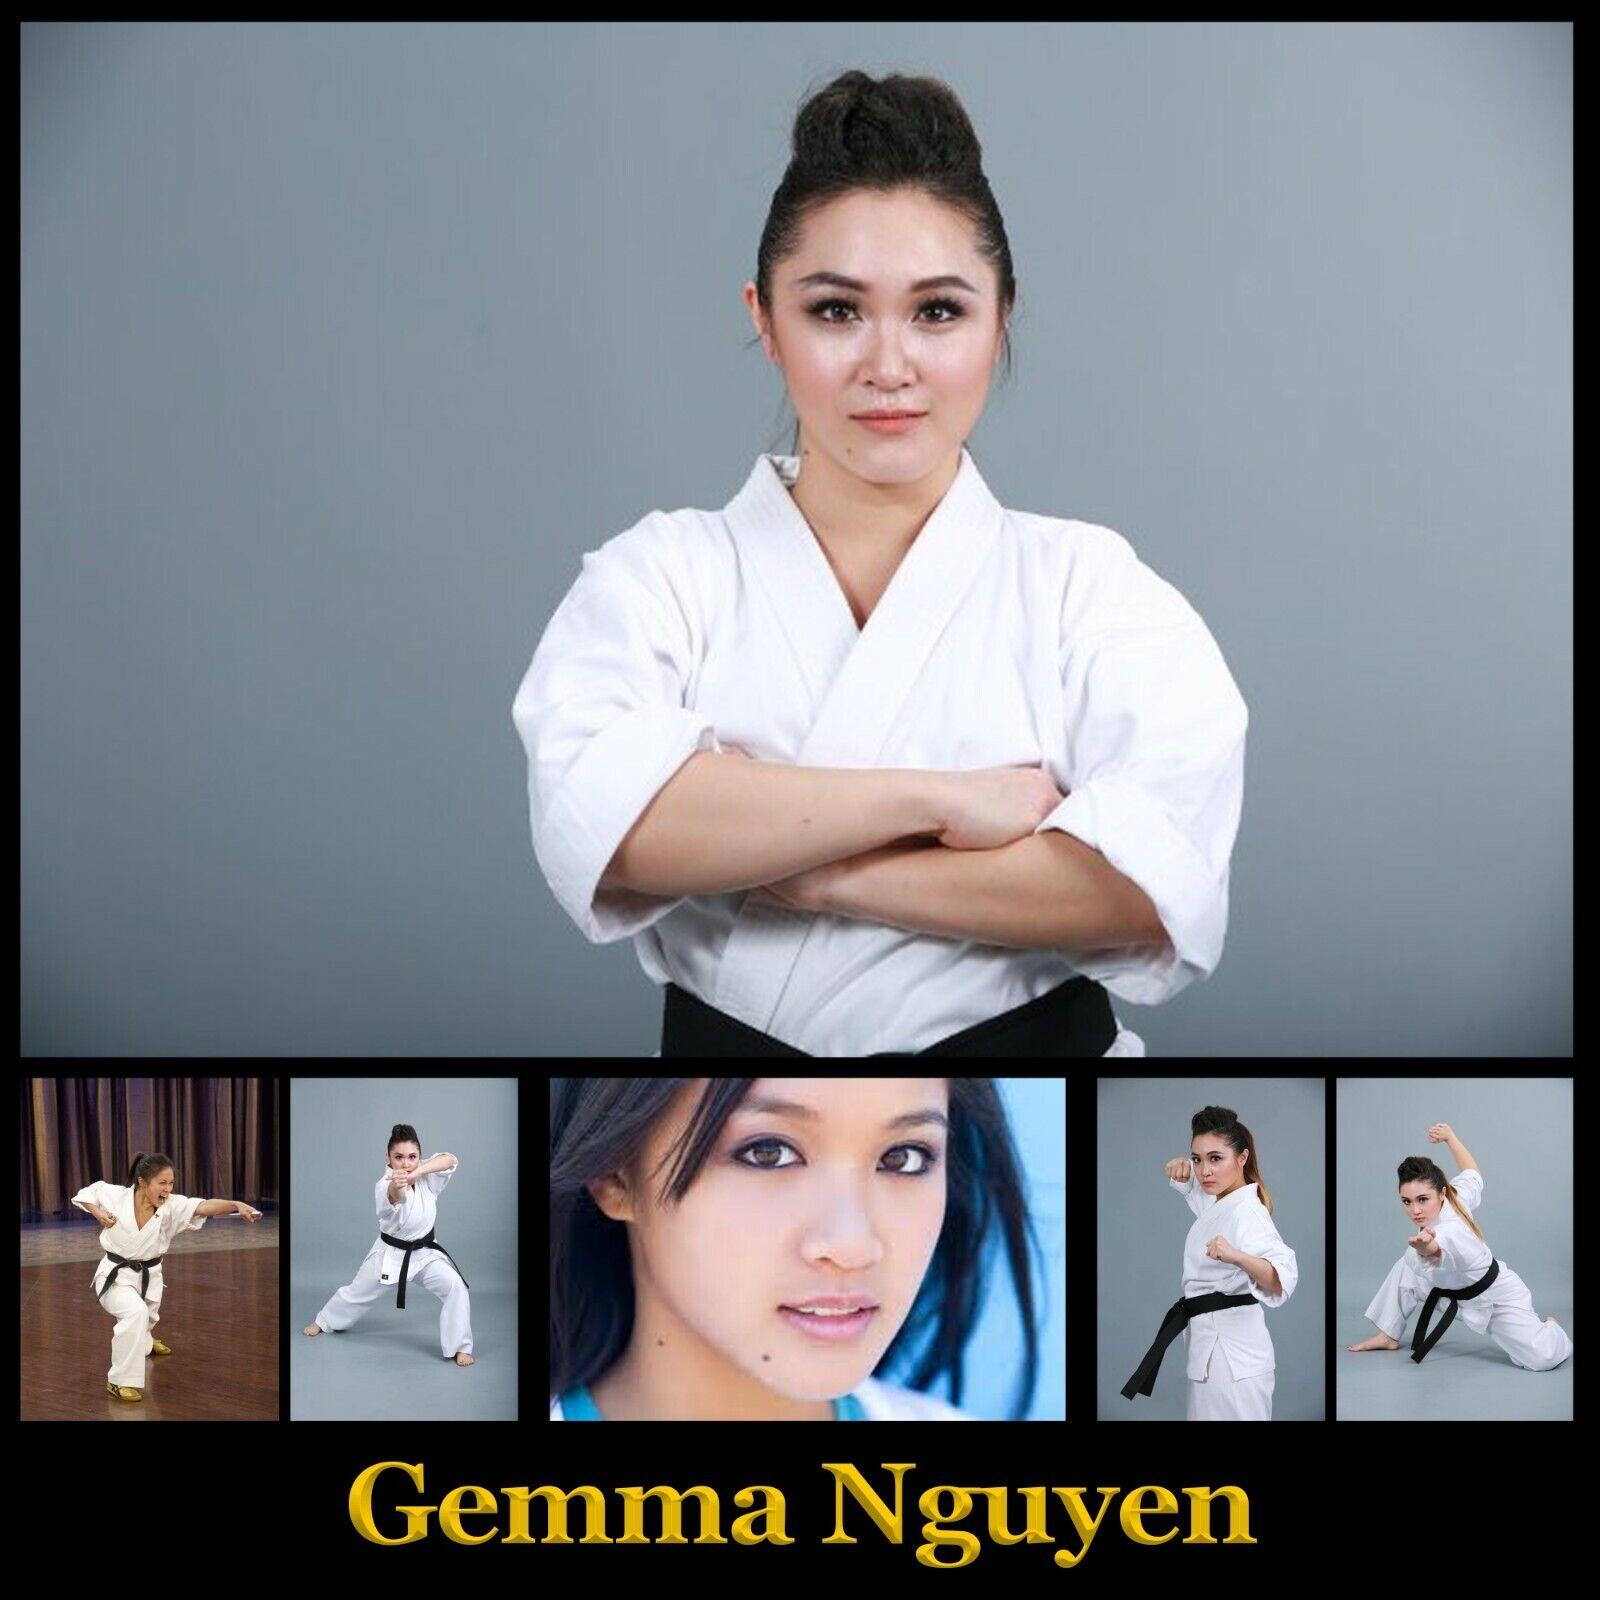 как выглядит Gemma Nguyen